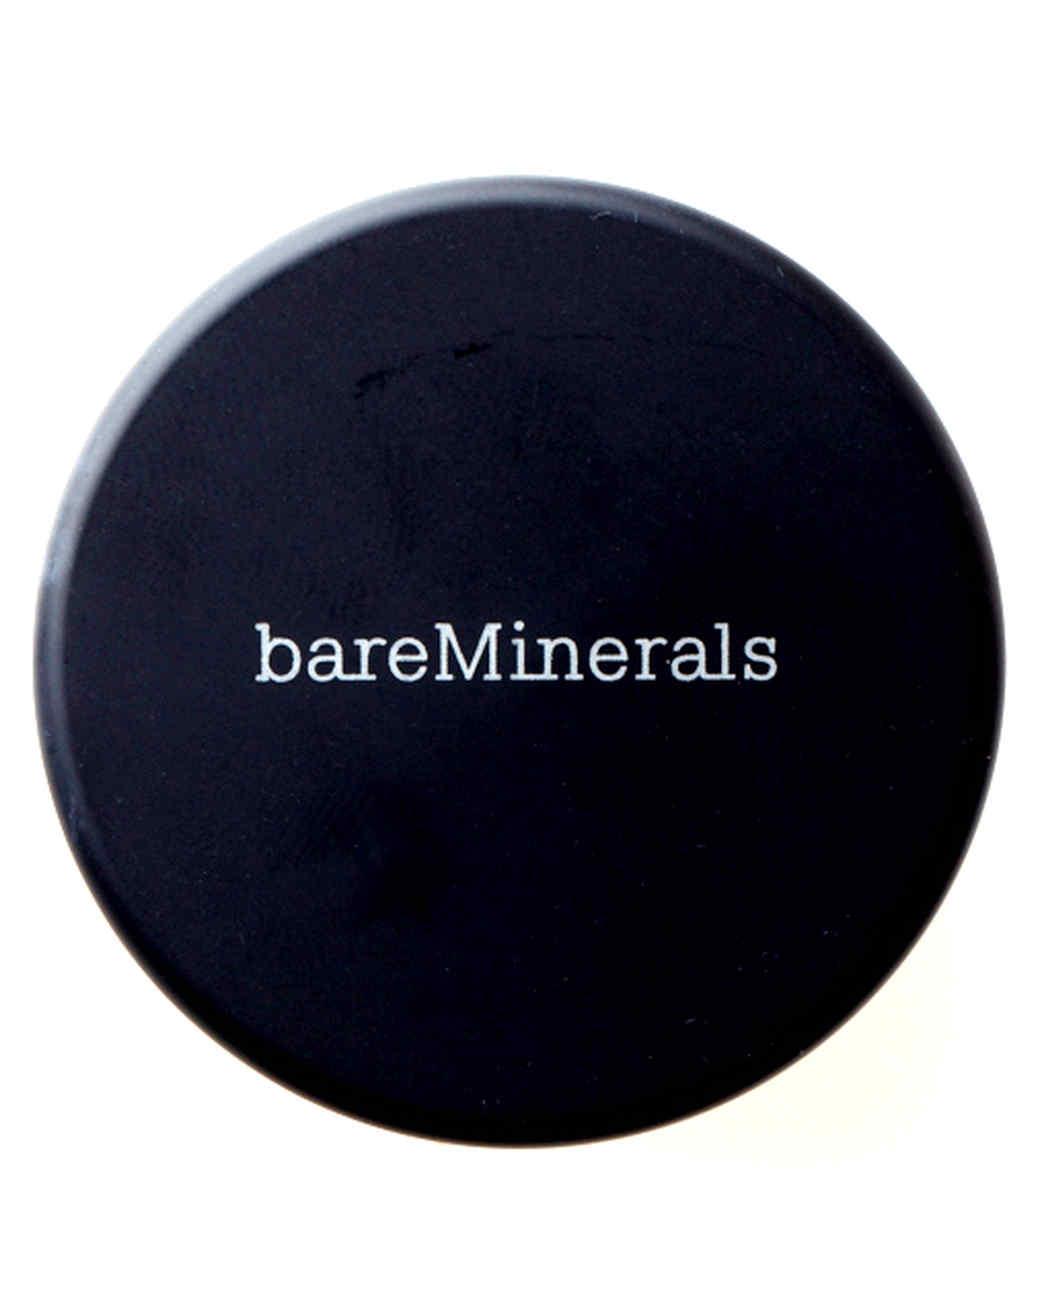 bare-minerals-eye-brightenermsl-0512.jpg